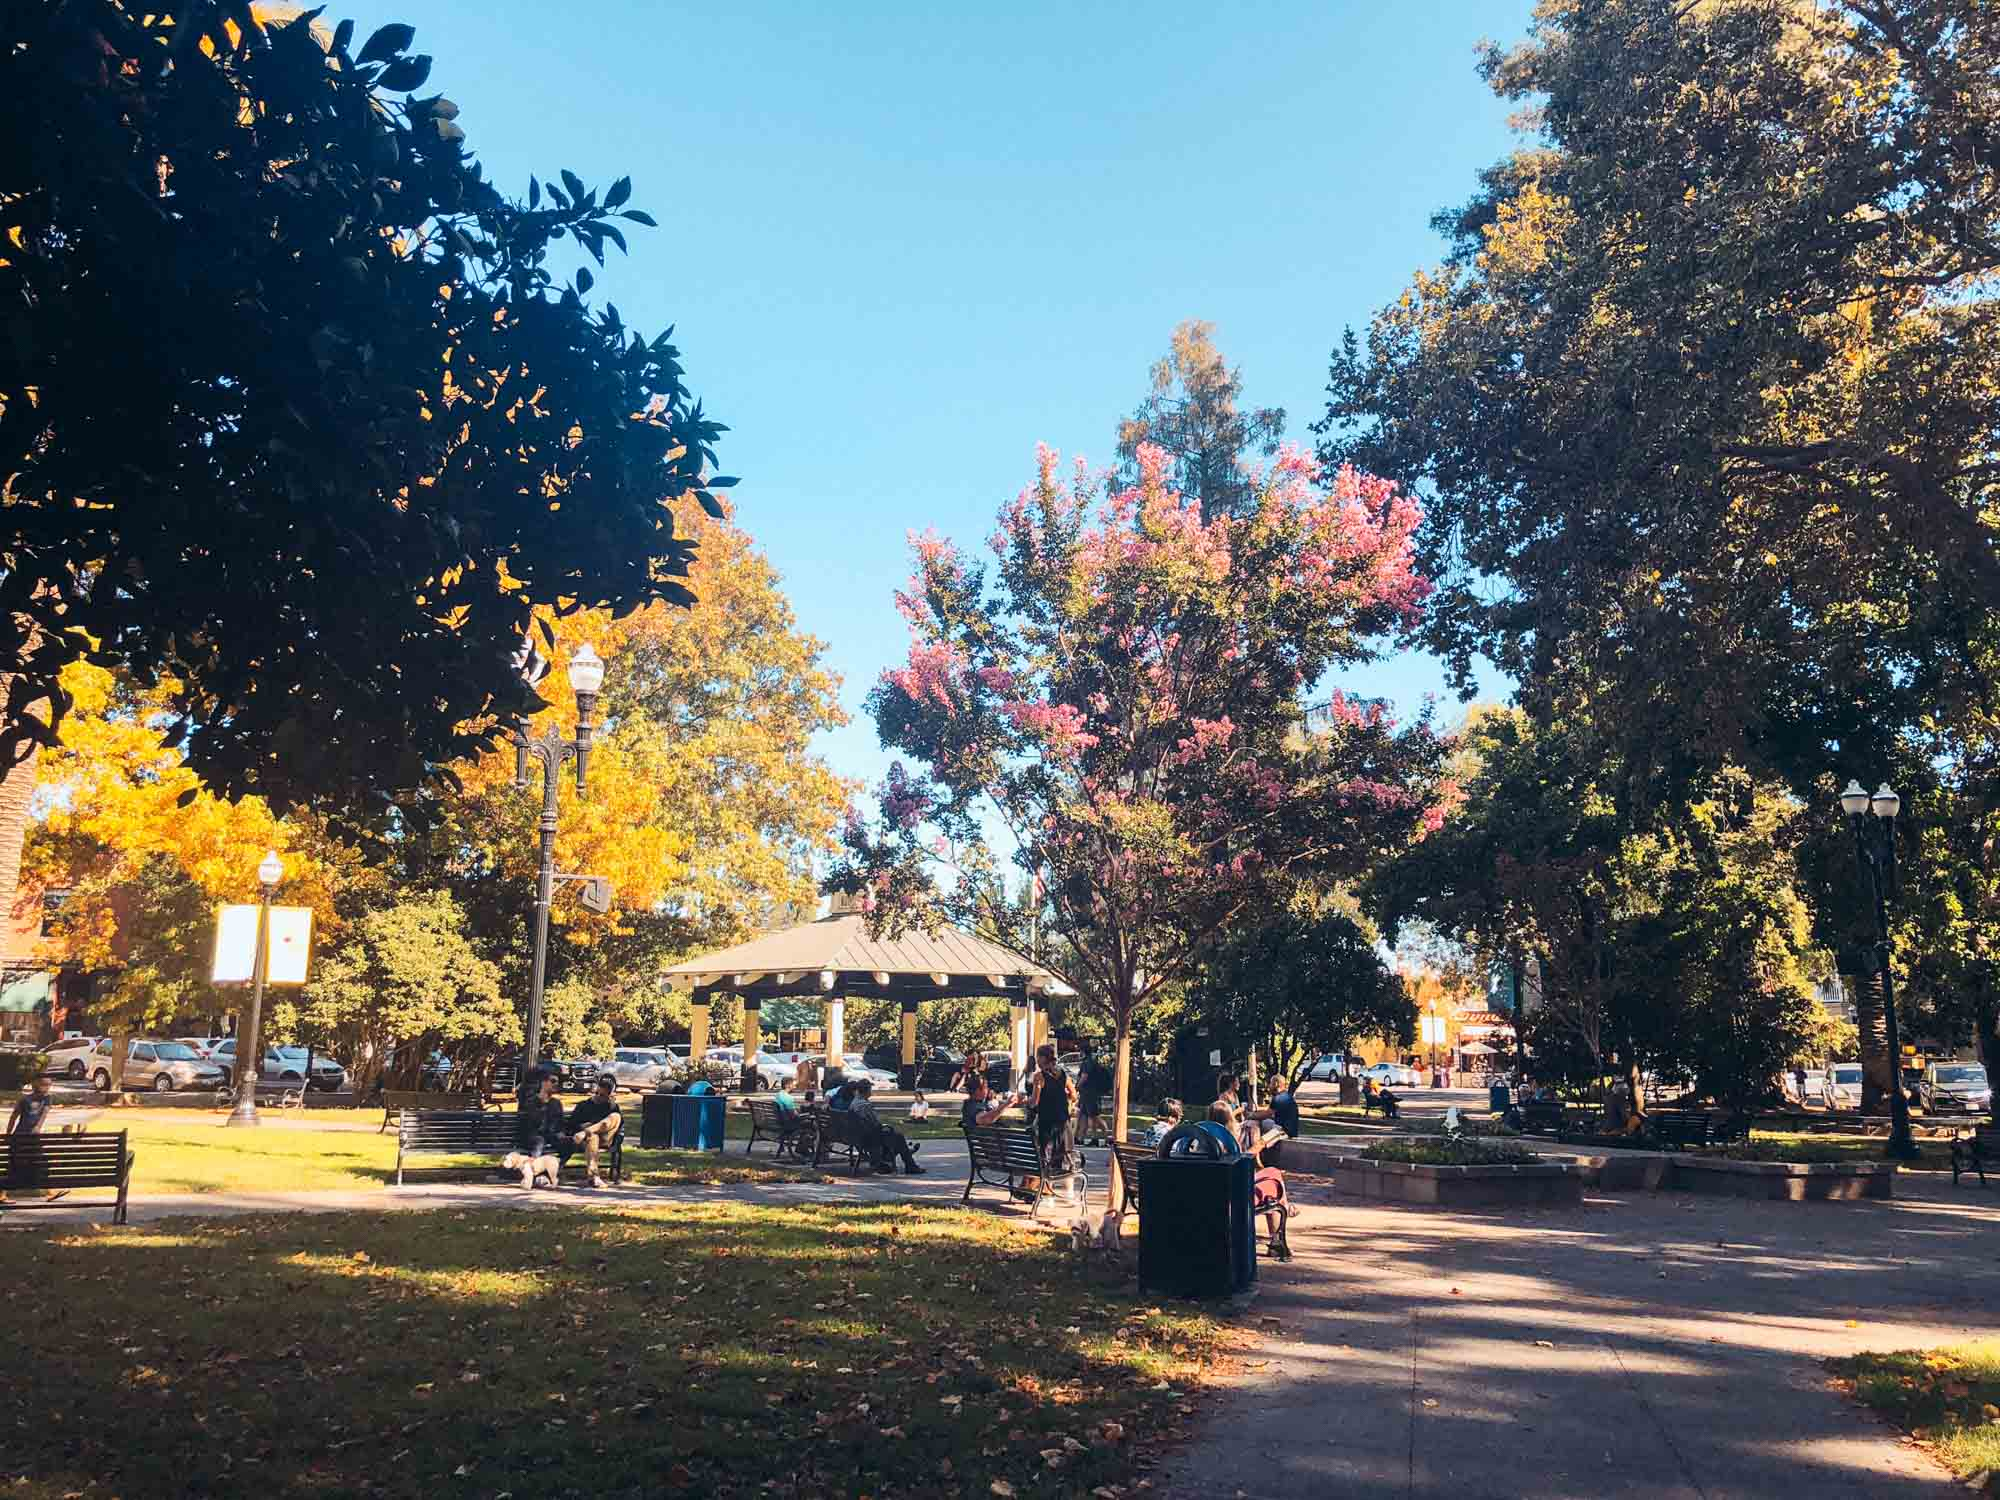 Healdsburg Plaza, Sonoma